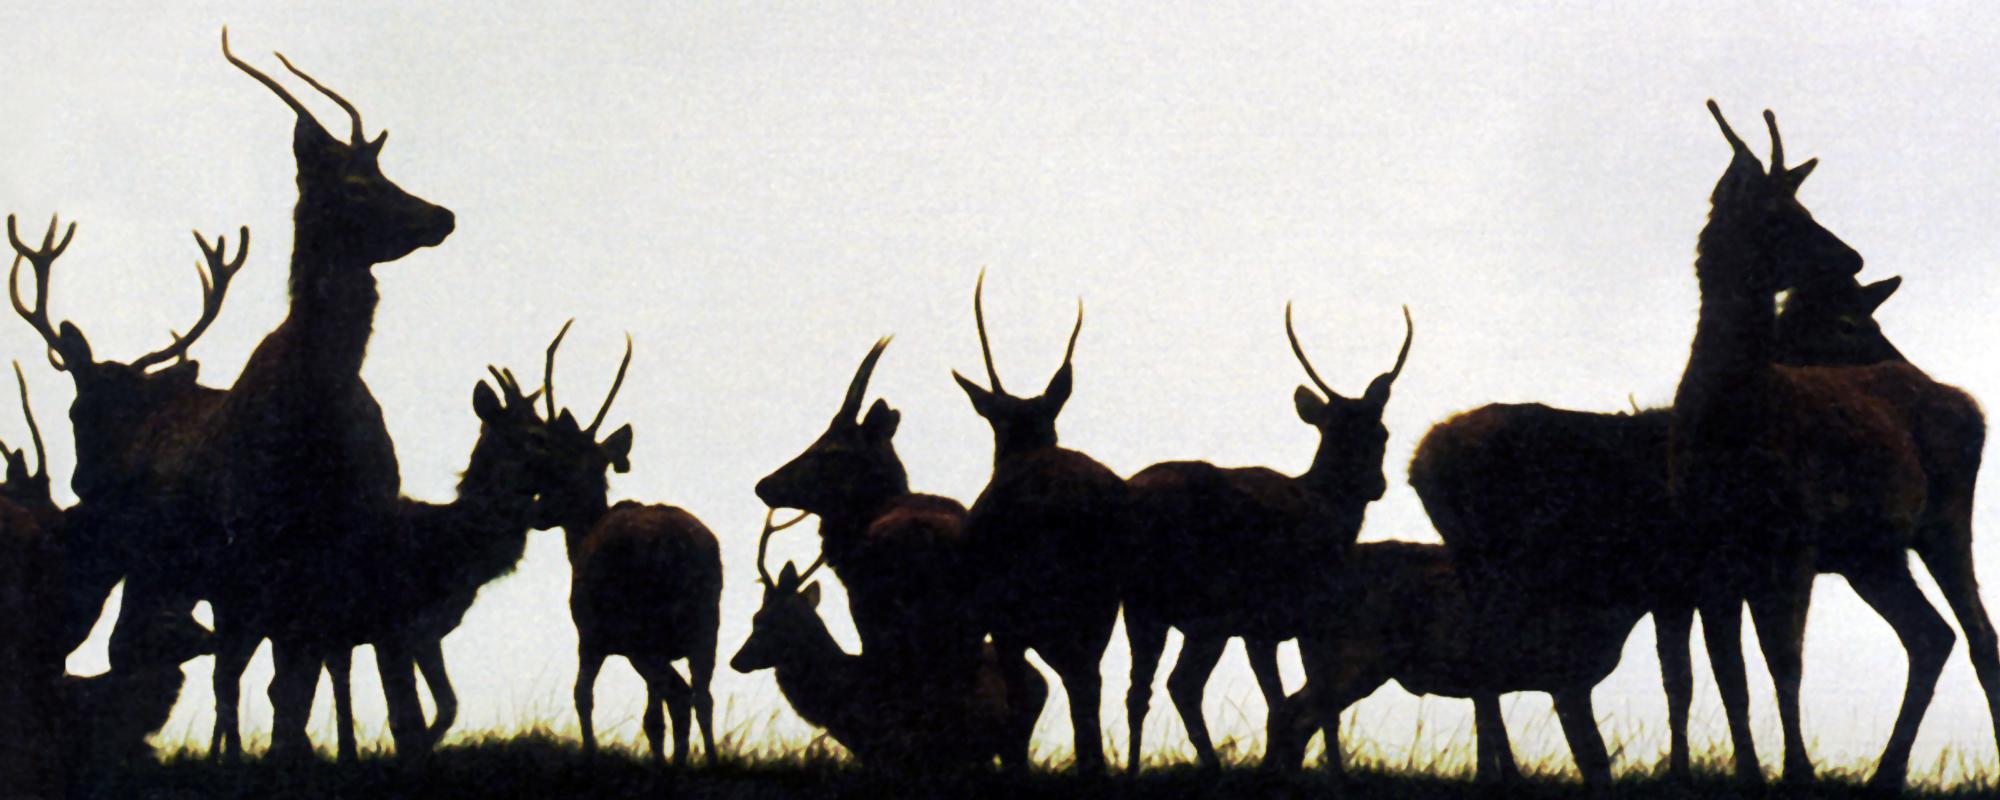 Beinghunted. Deer 2001 10th Anniversary